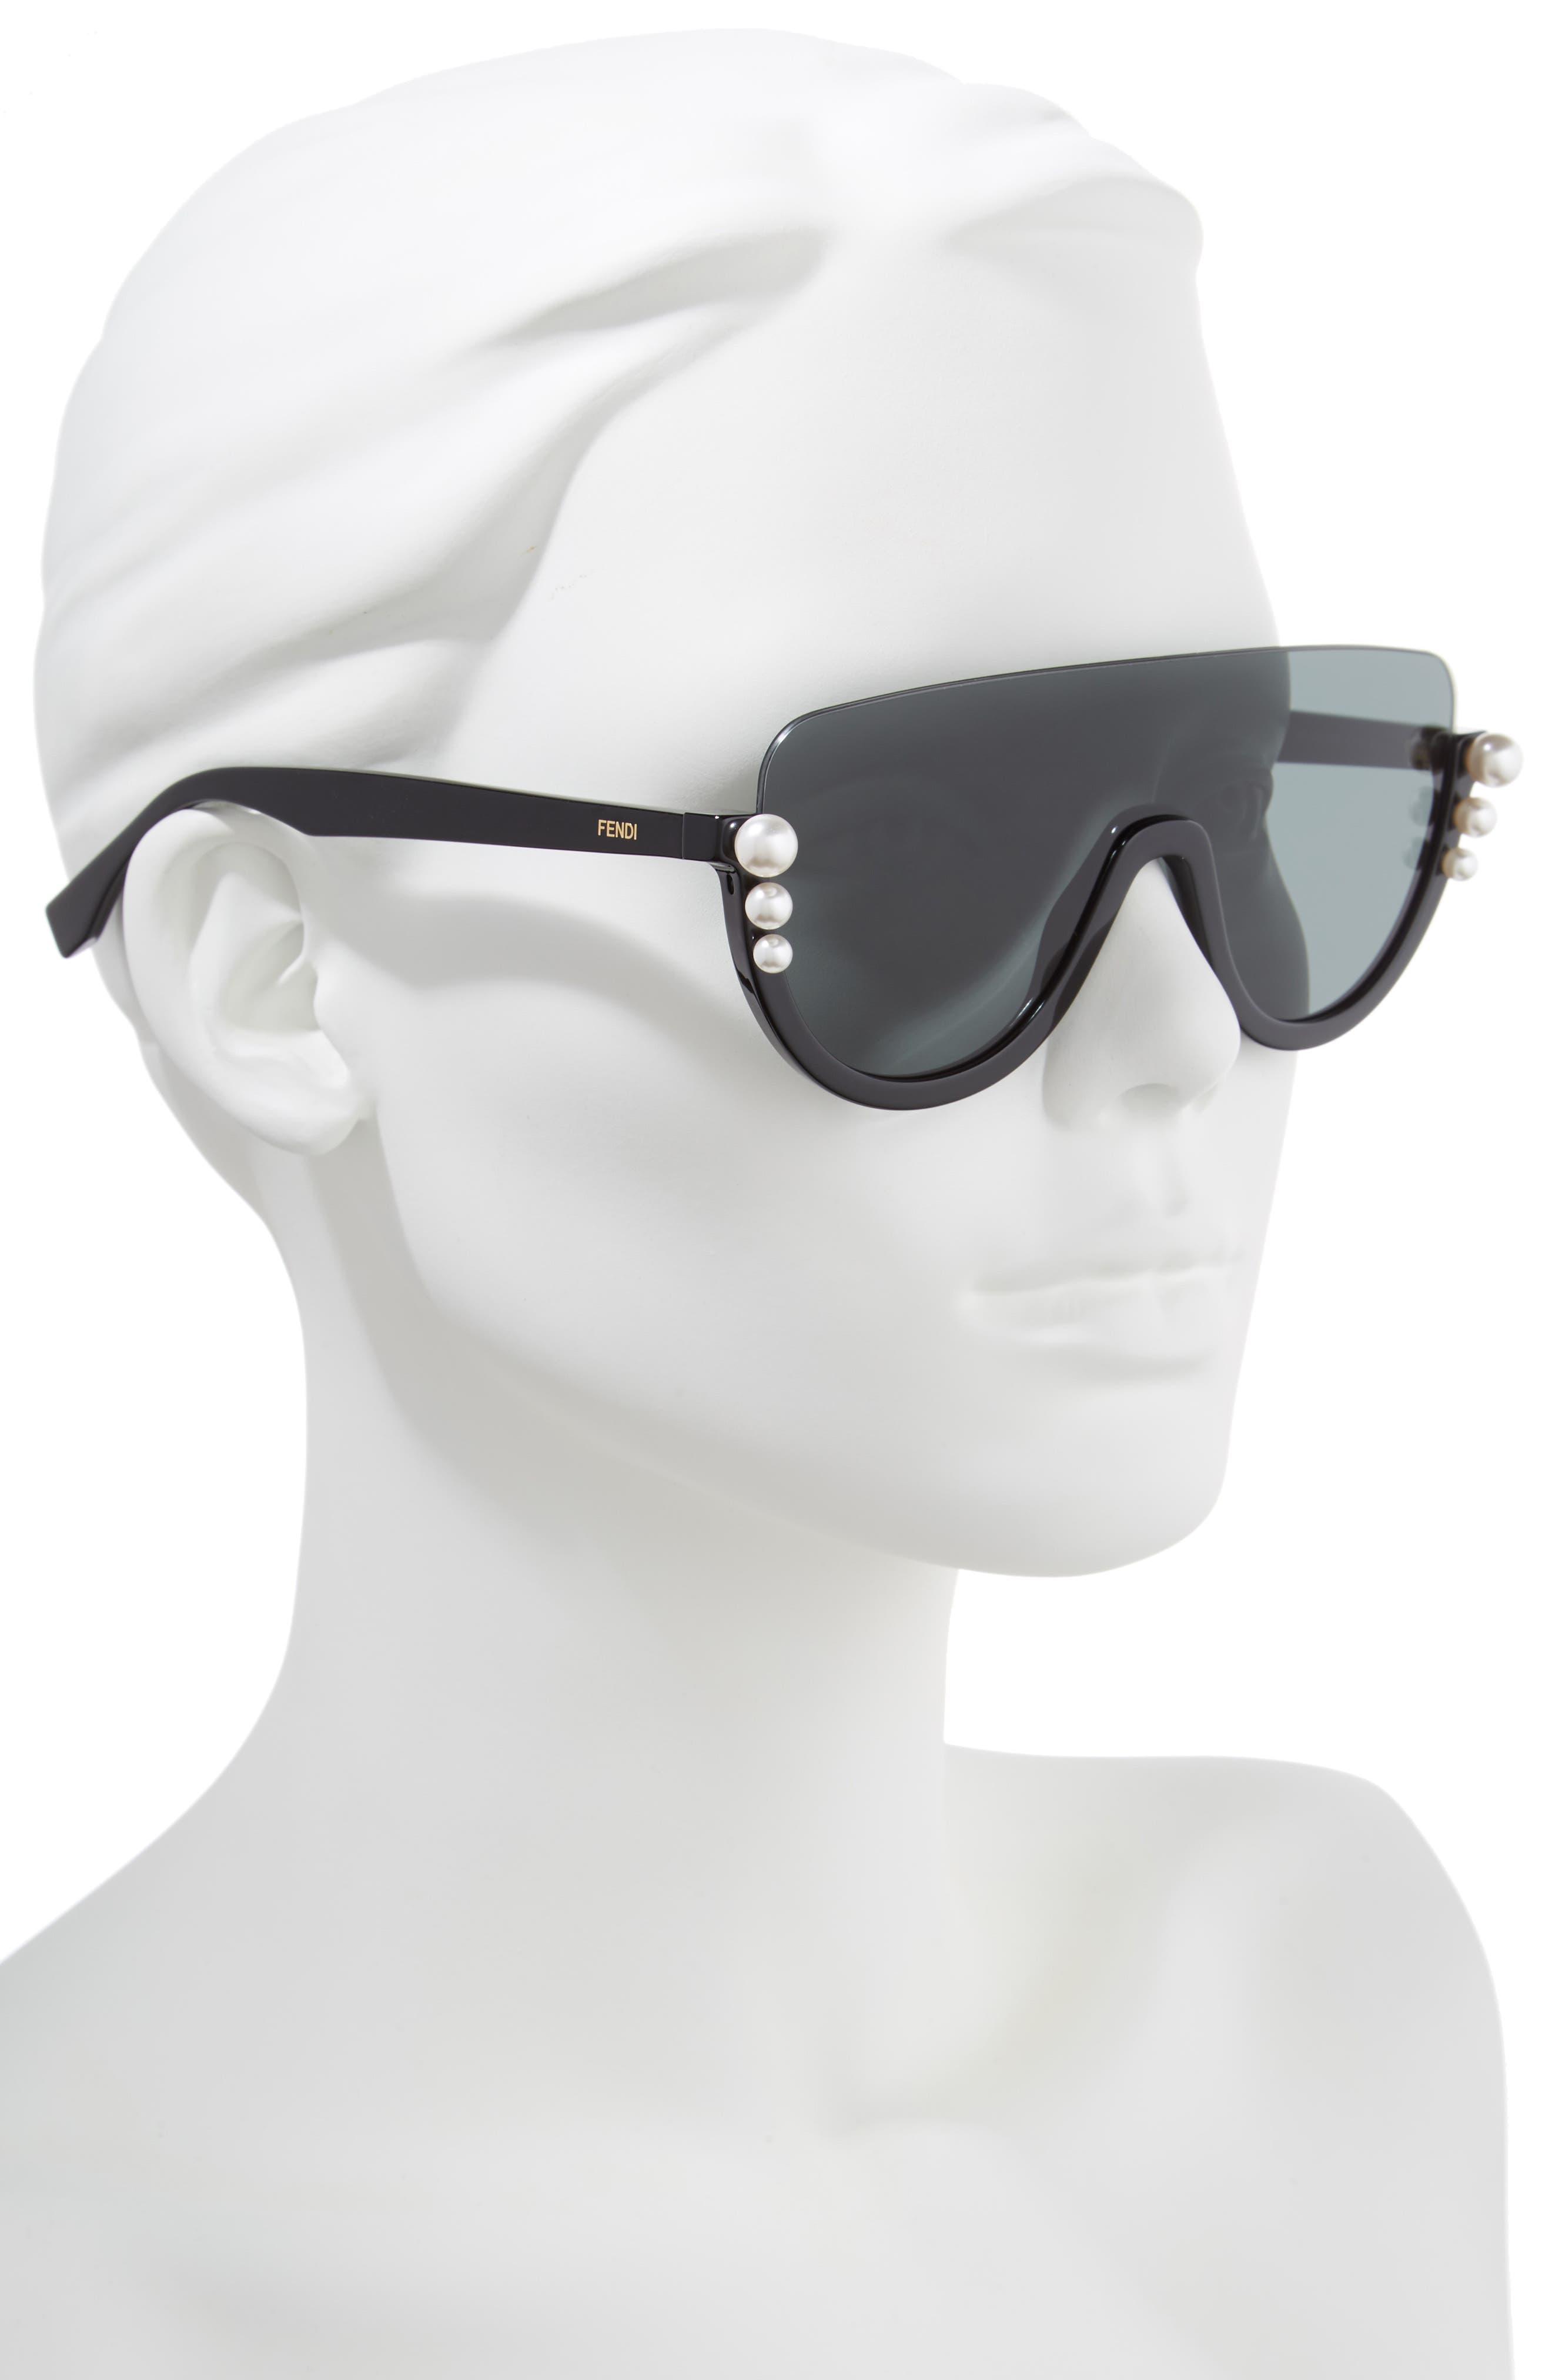 57mm Polarized Rimless Shield Sunglasses,                             Alternate thumbnail 2, color,                             Black